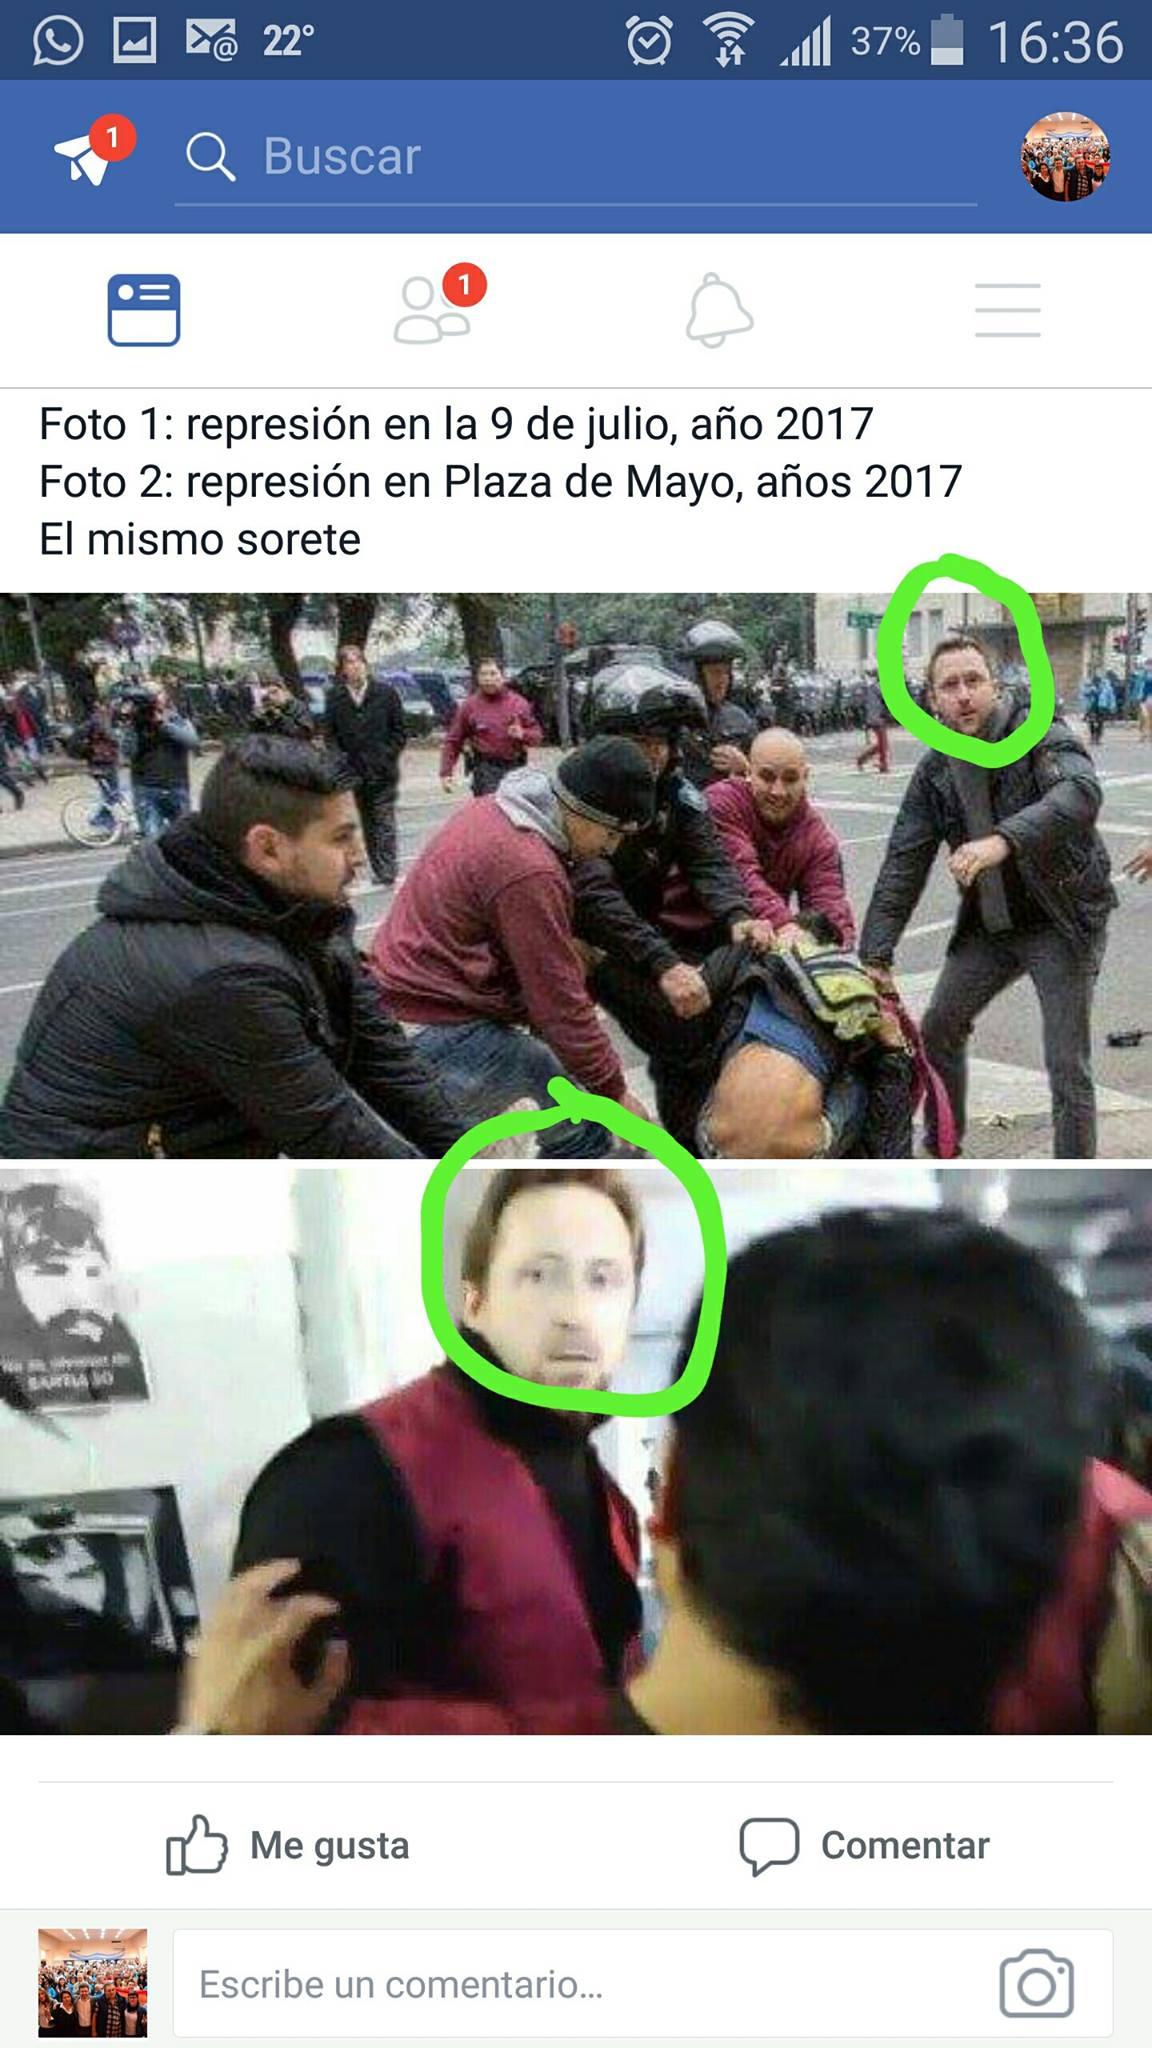 Policia_infiltrado.